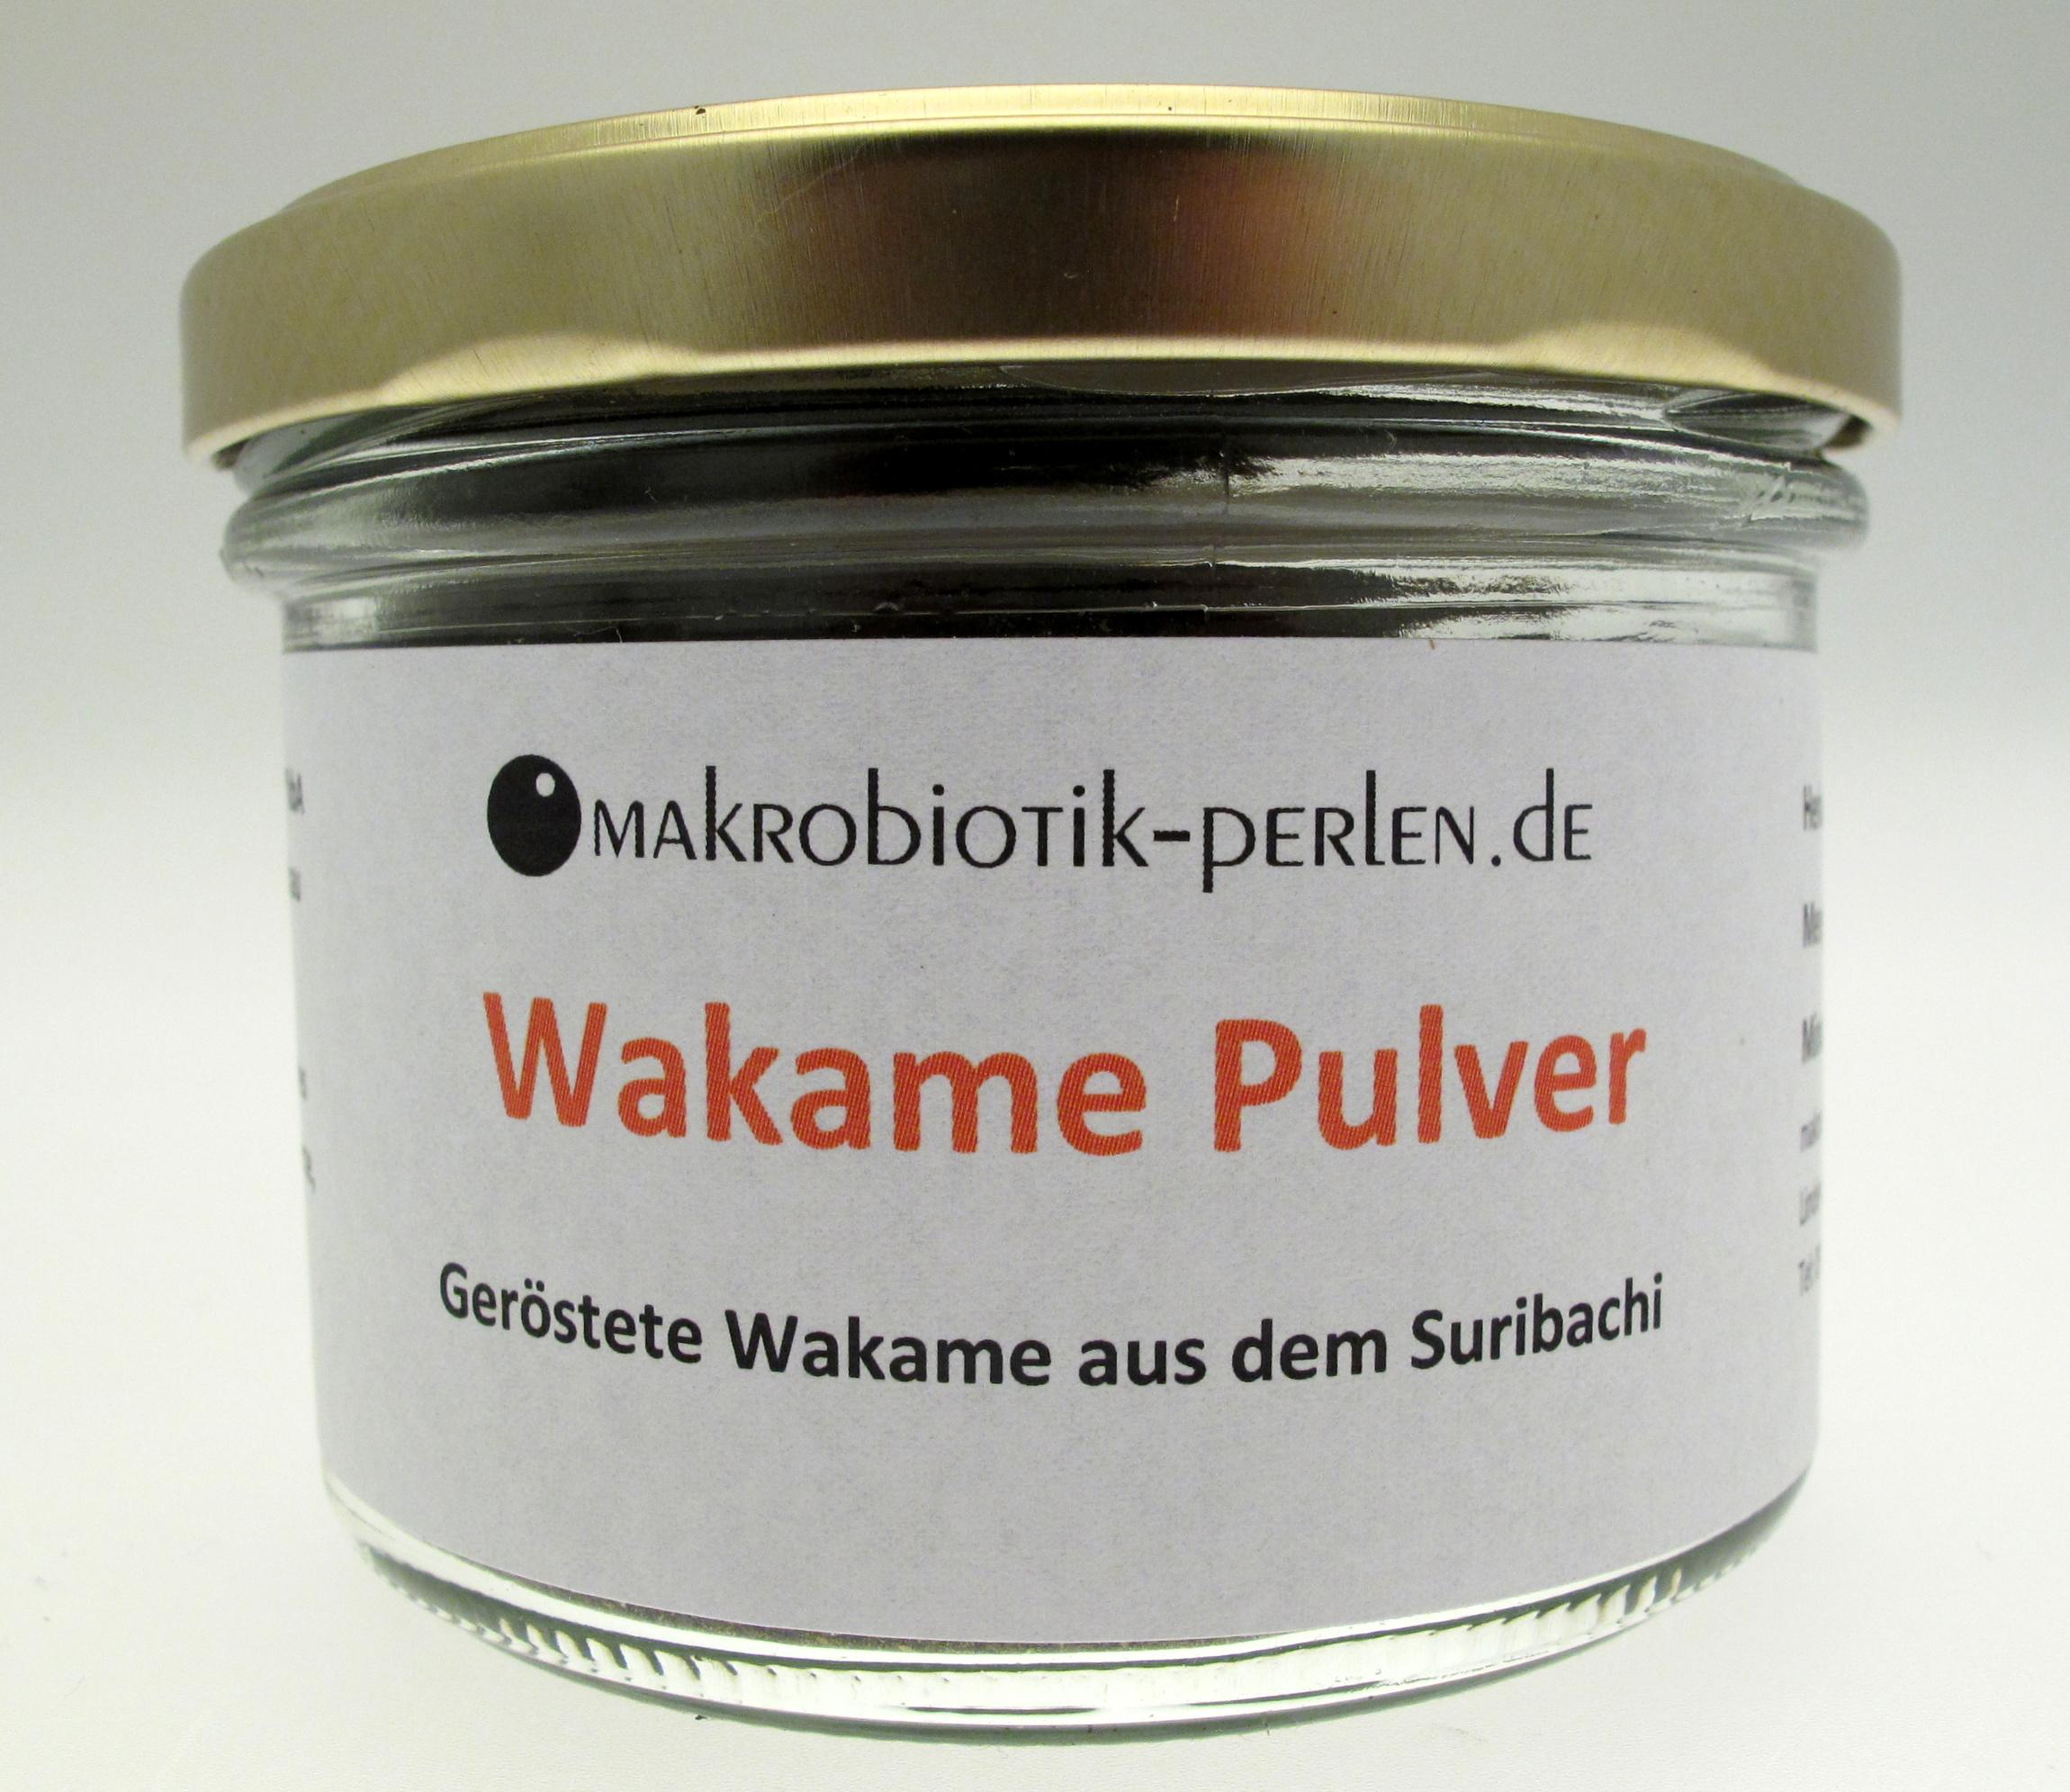 wakame pulver ger stete wakame aus dem suribachi spezialit ten aus dem suribachi aus. Black Bedroom Furniture Sets. Home Design Ideas